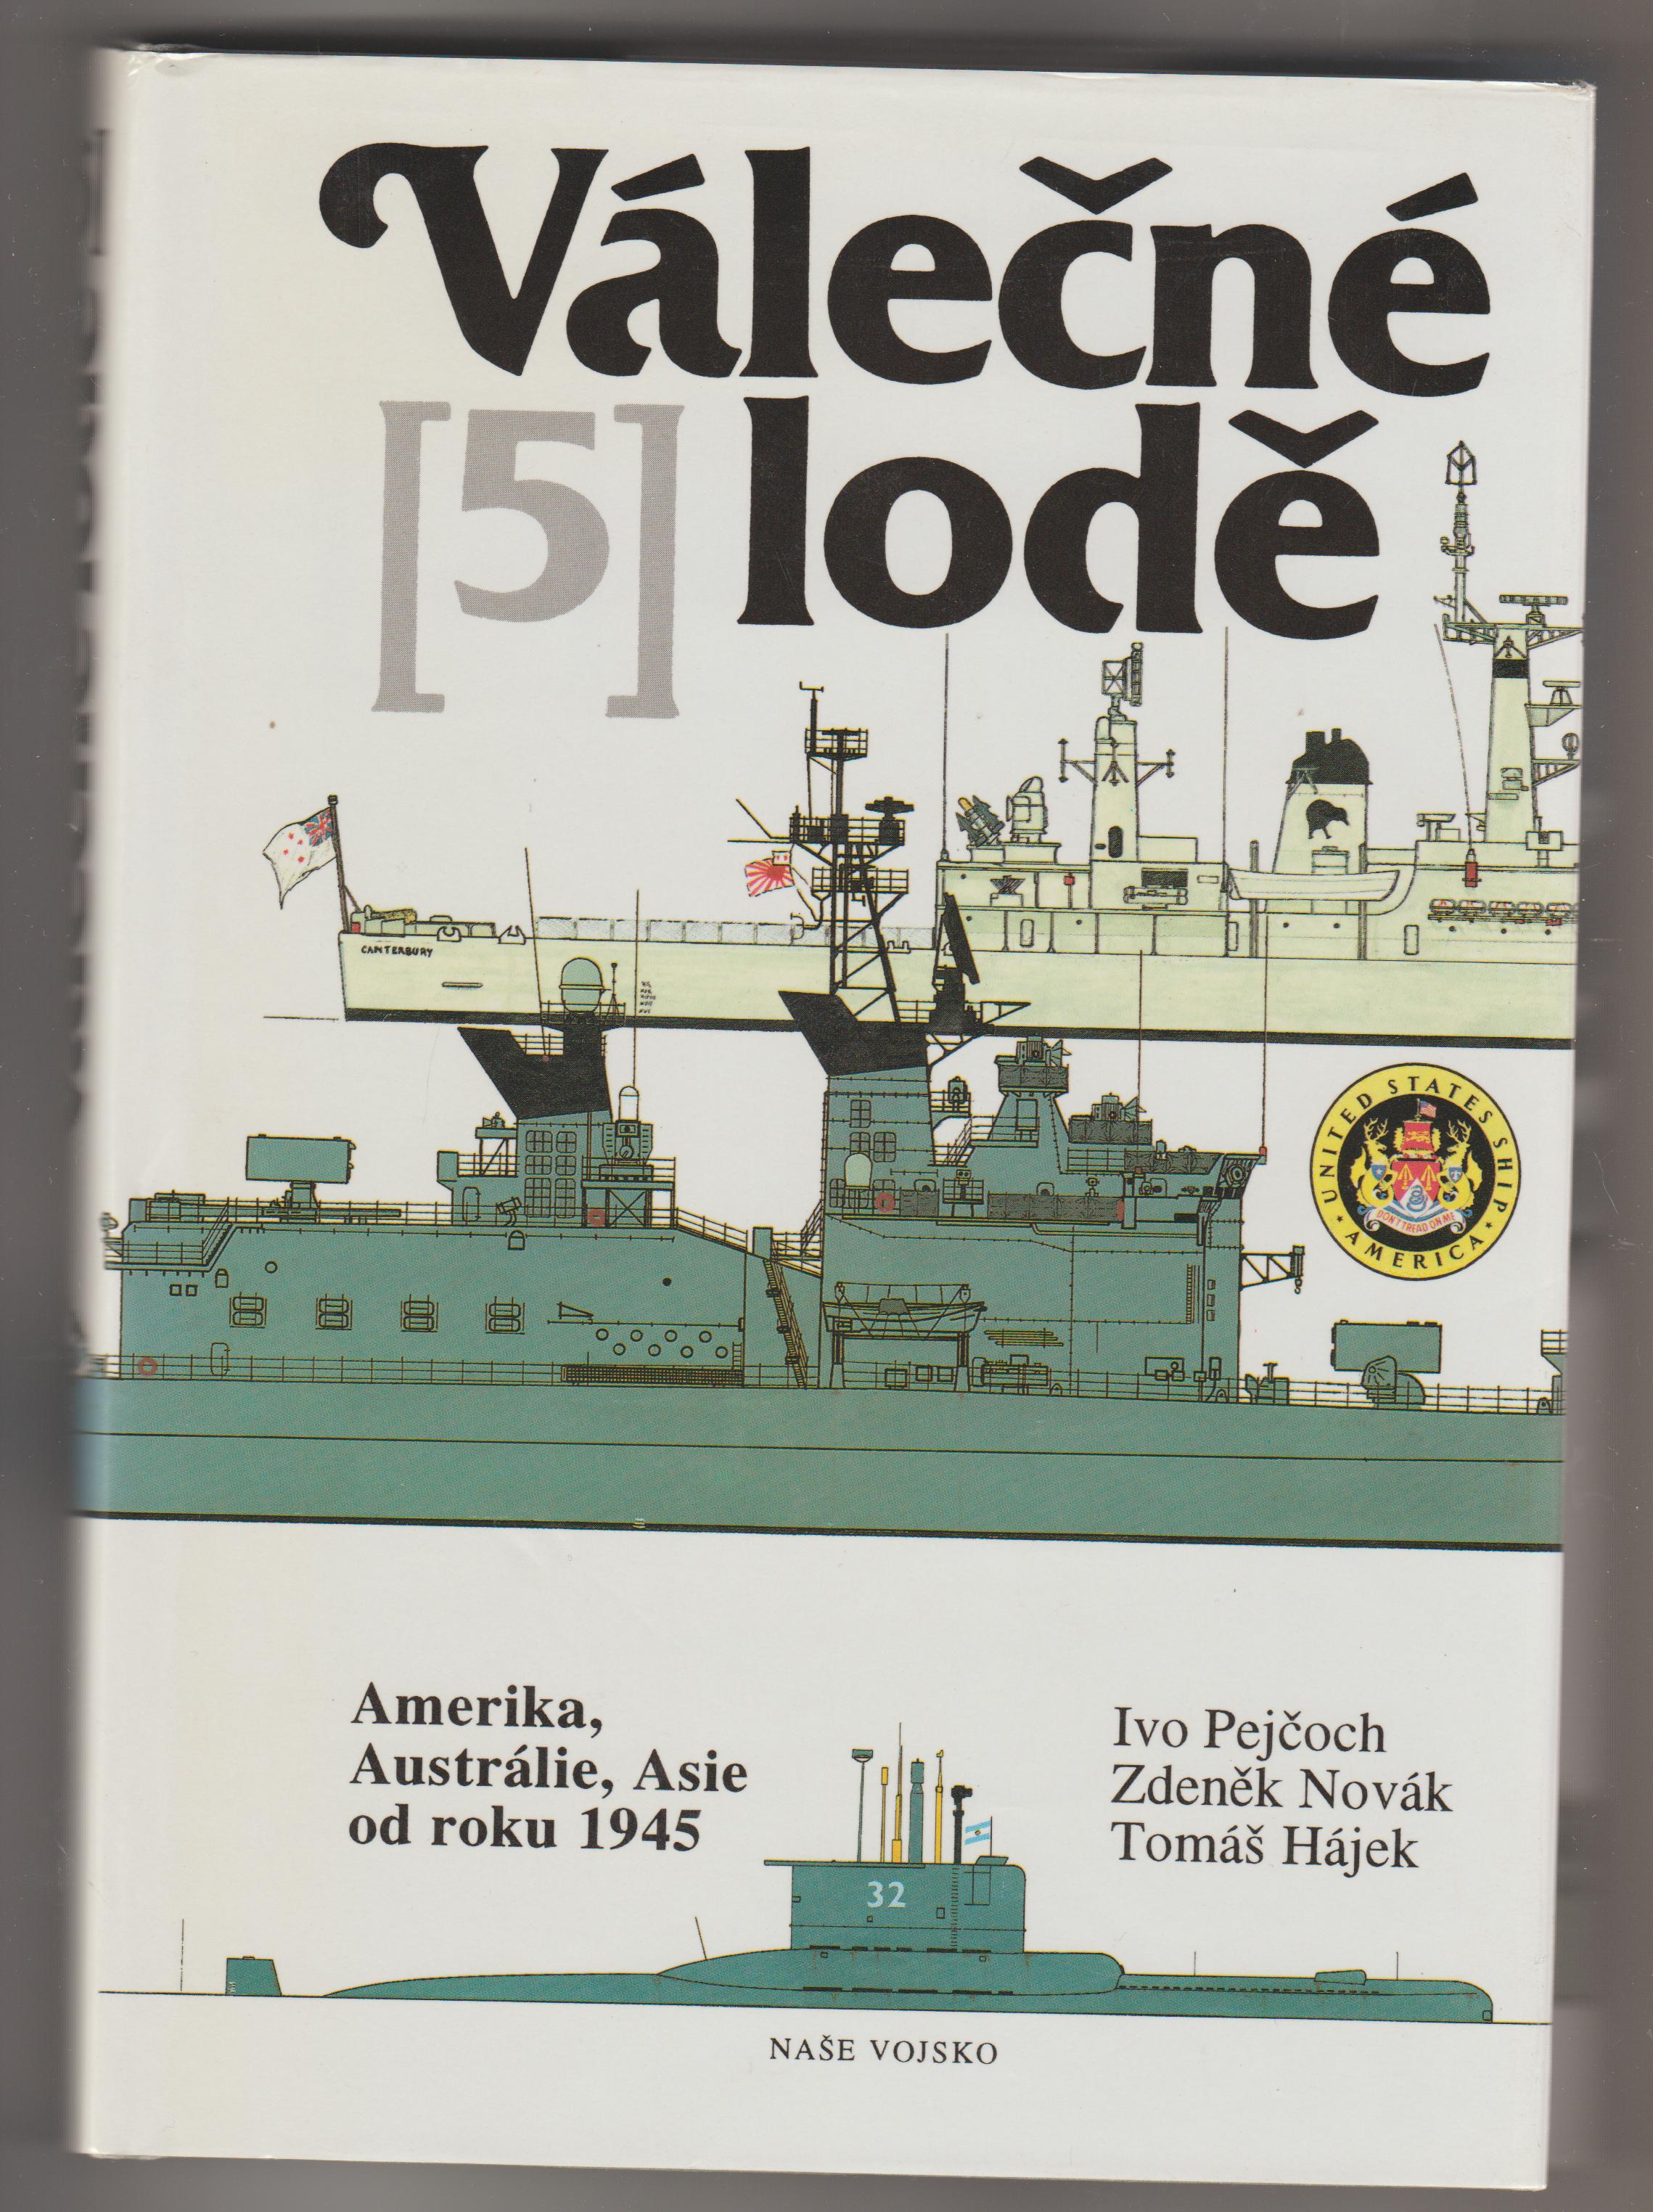 Válečné lodě [5]- Ivo Pejčoch, Zdeněk Novák, Tomáš Hájek